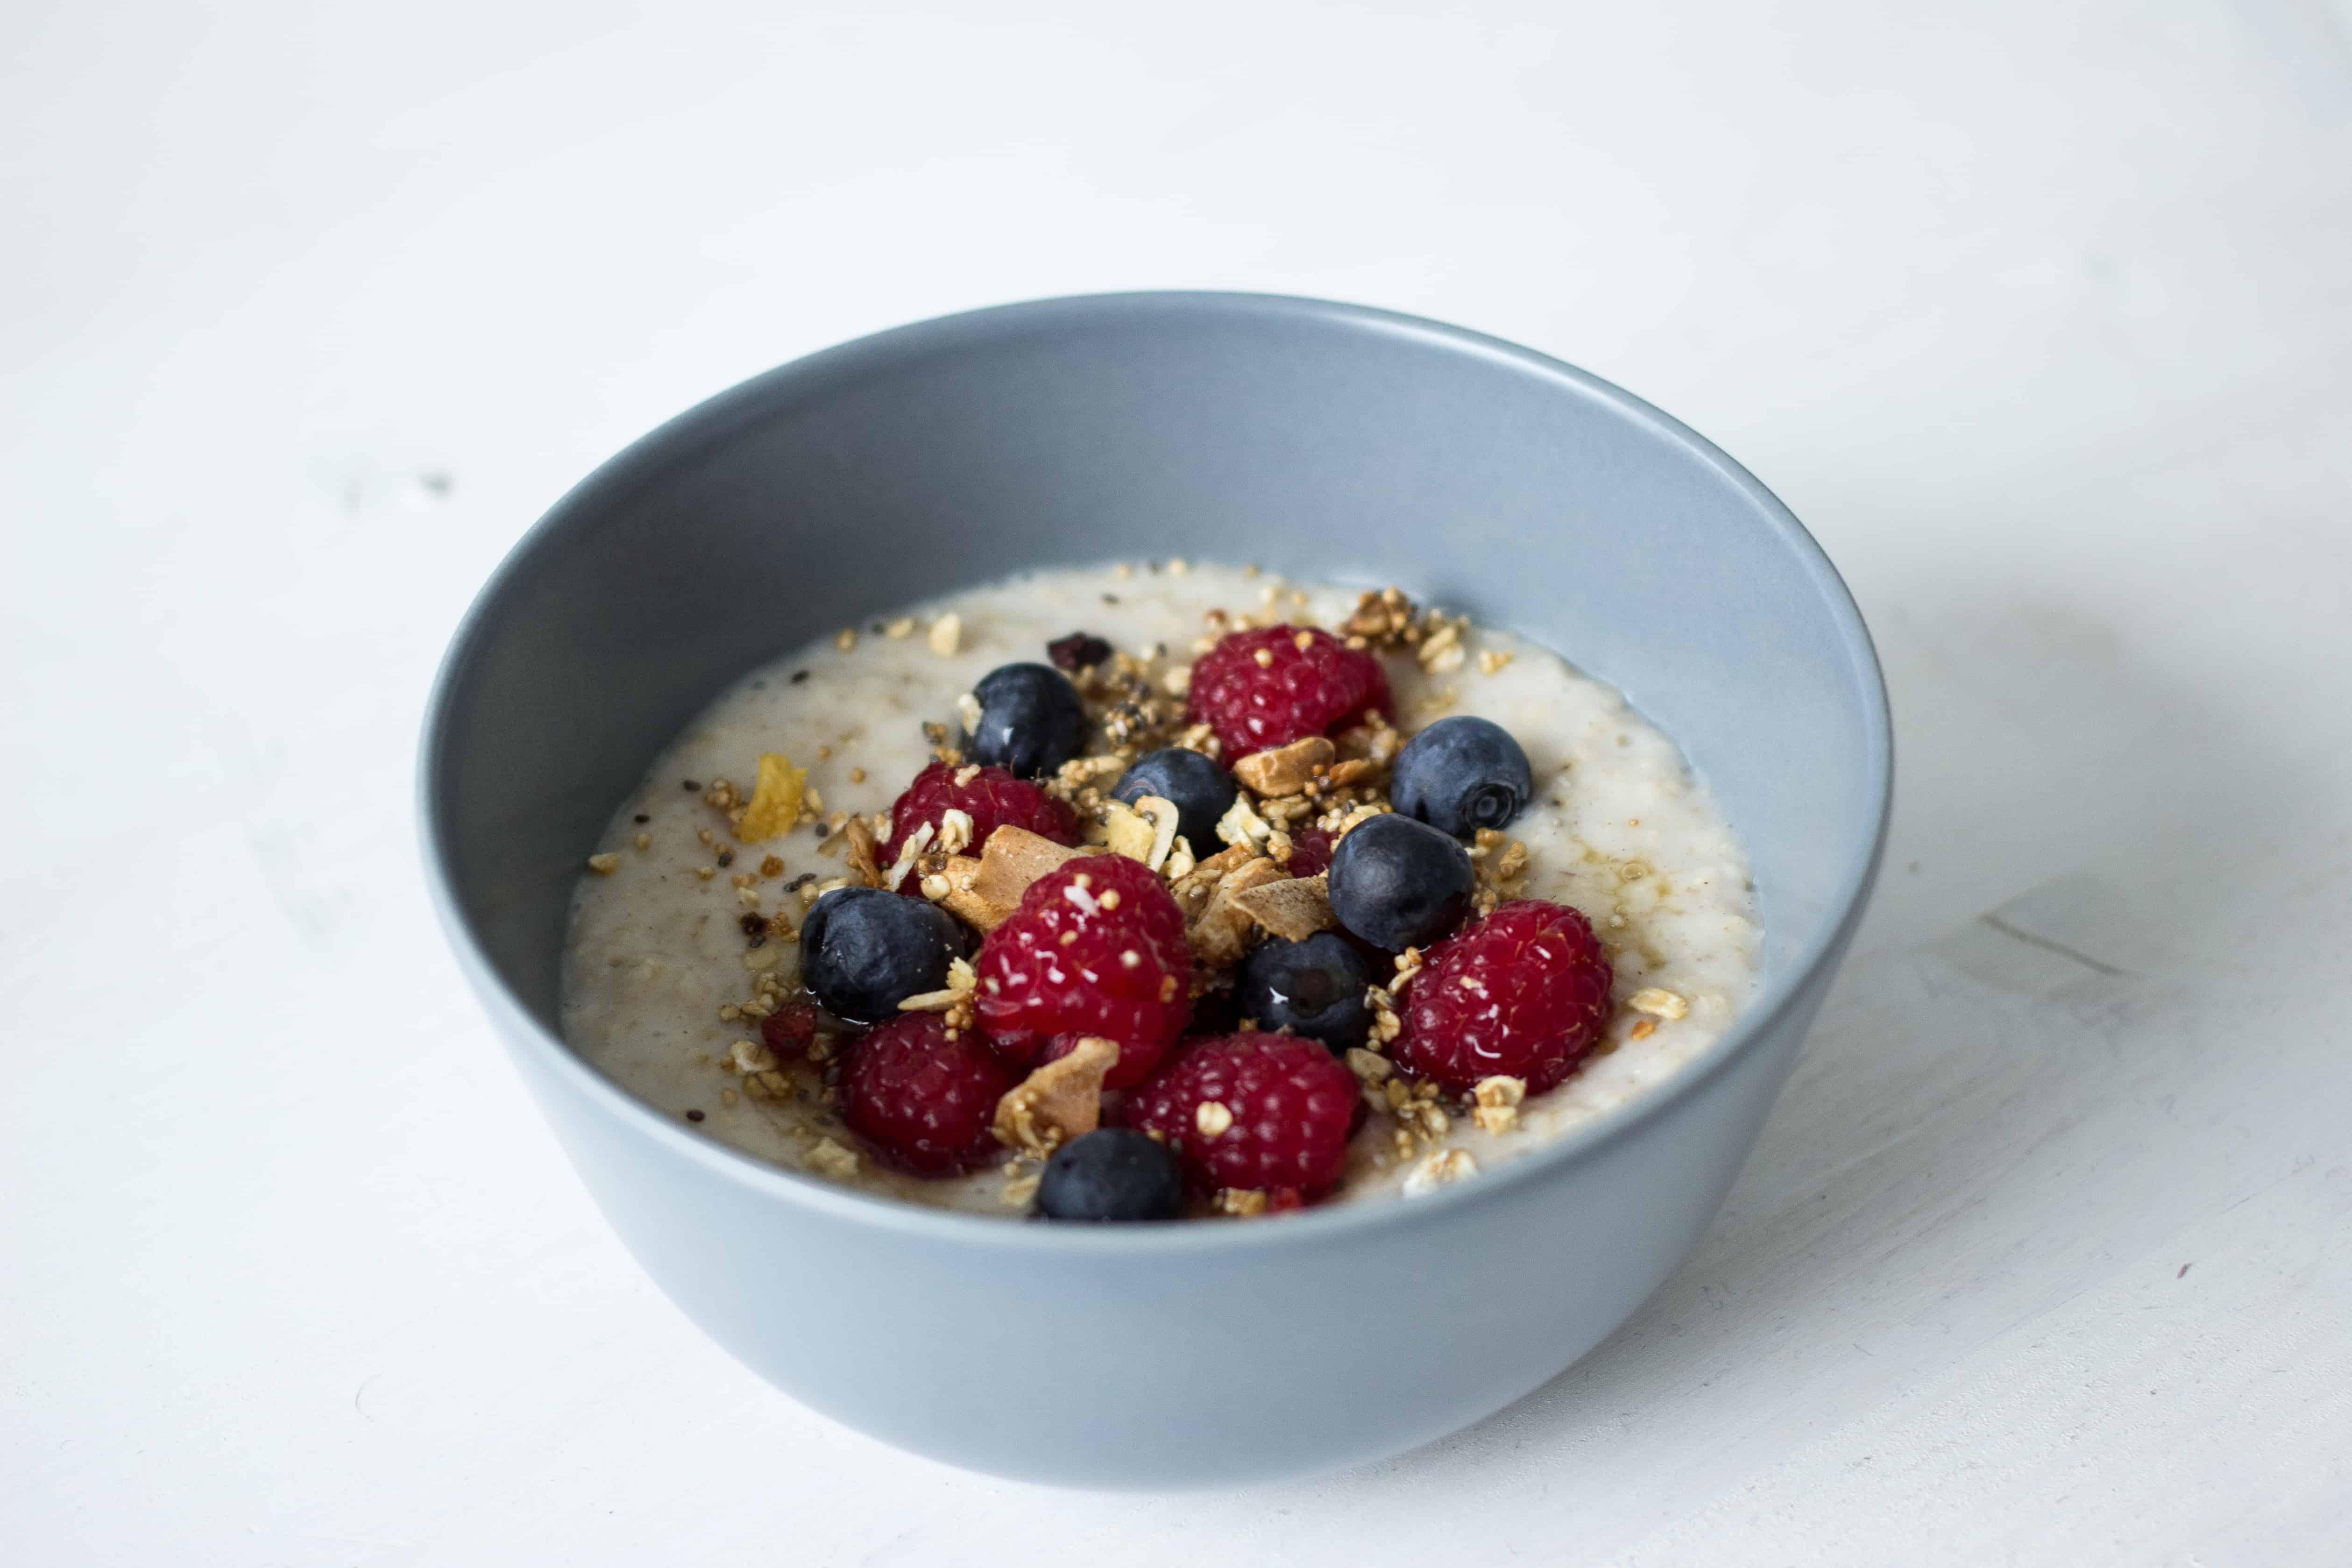 Porridge mir Beeren und Granola | SOAP|KITCHEN|STYLE